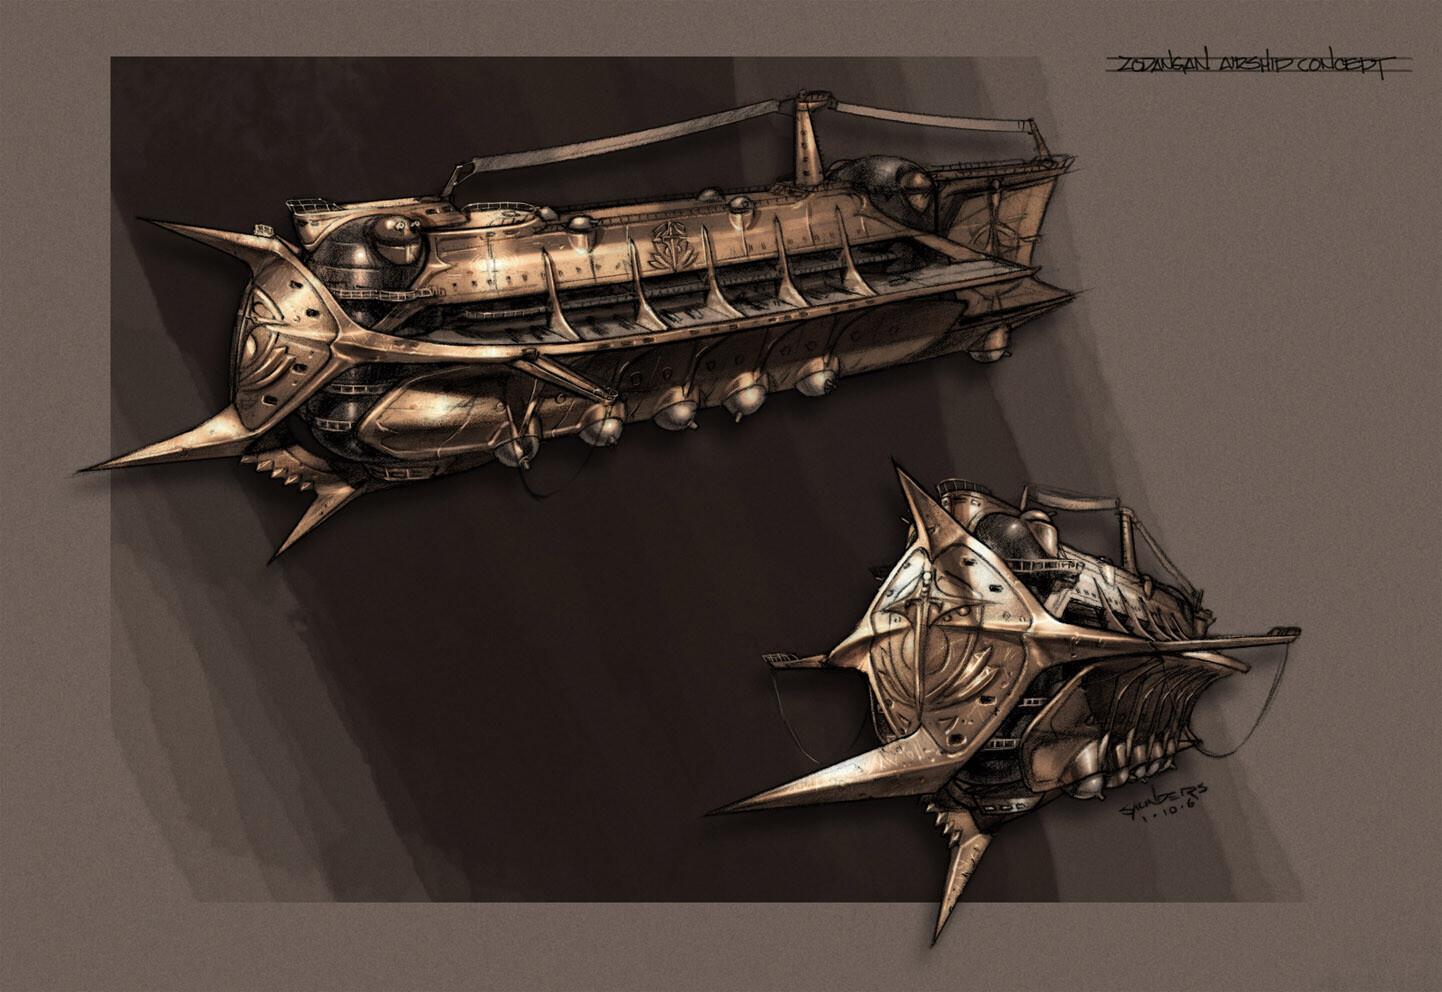 Zodangan airship.